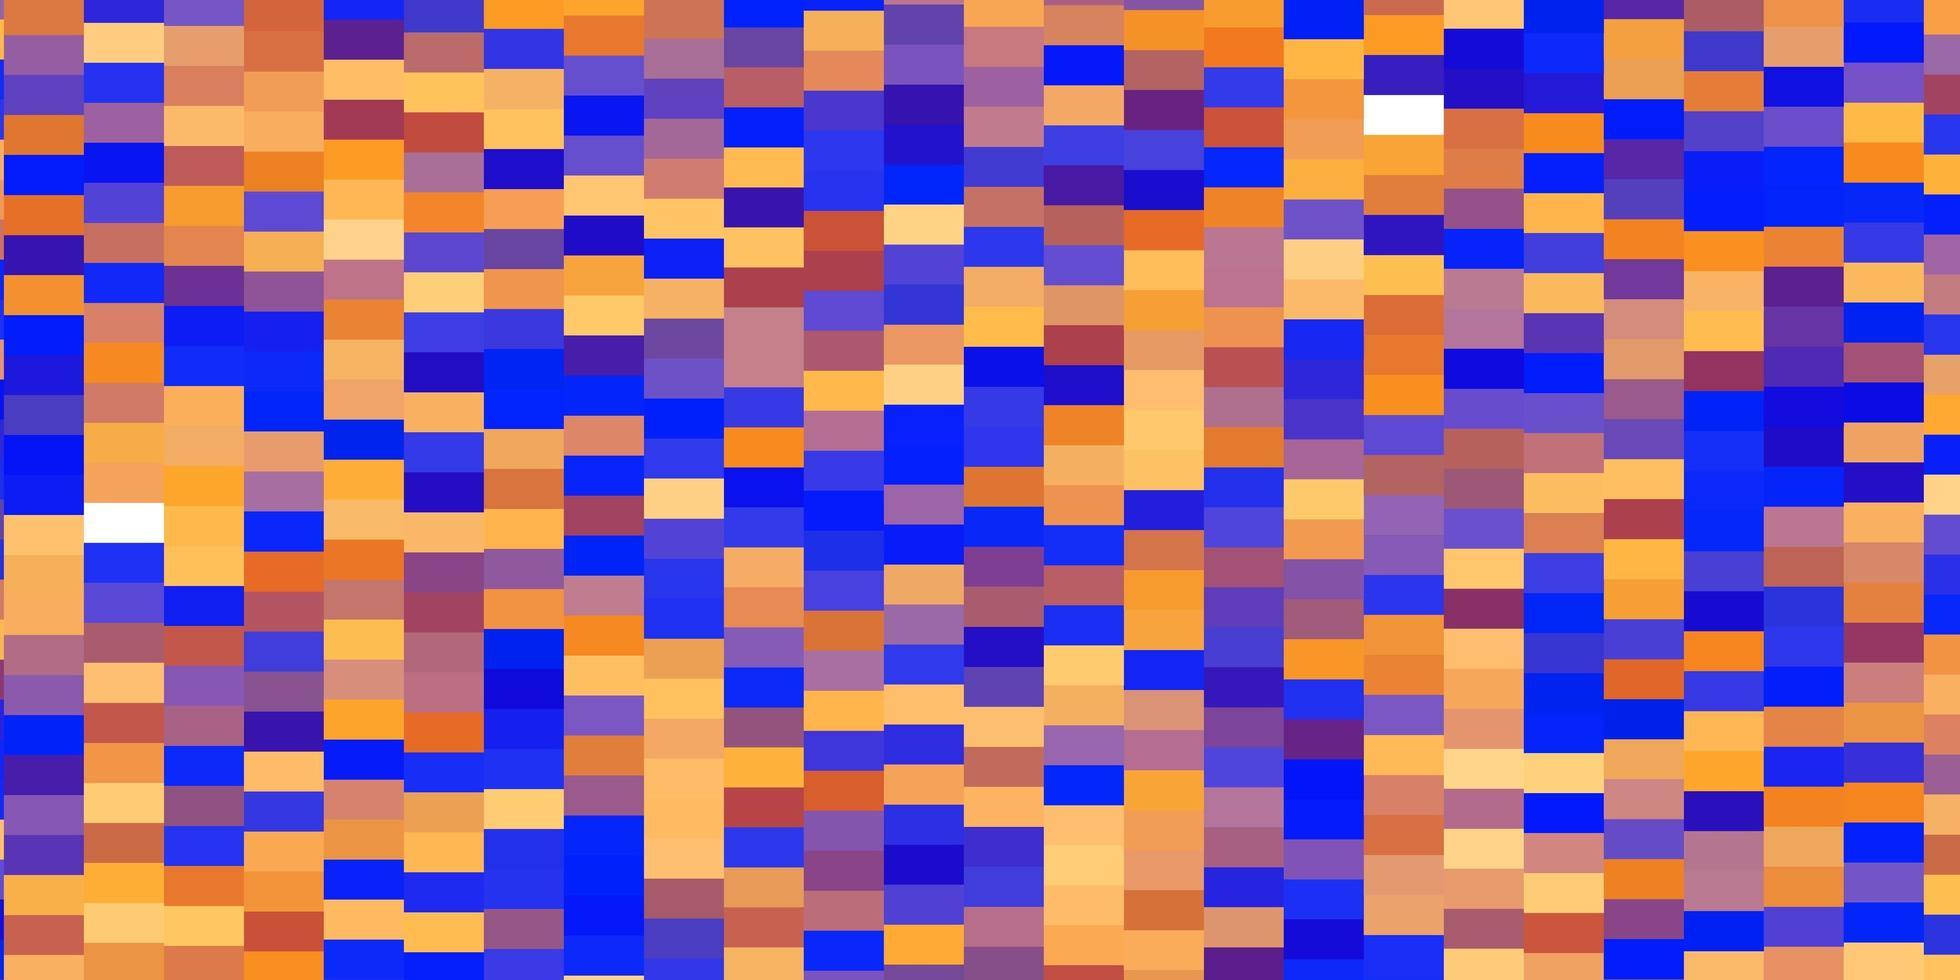 sfondo azzurro e giallo con rettangoli. vettore